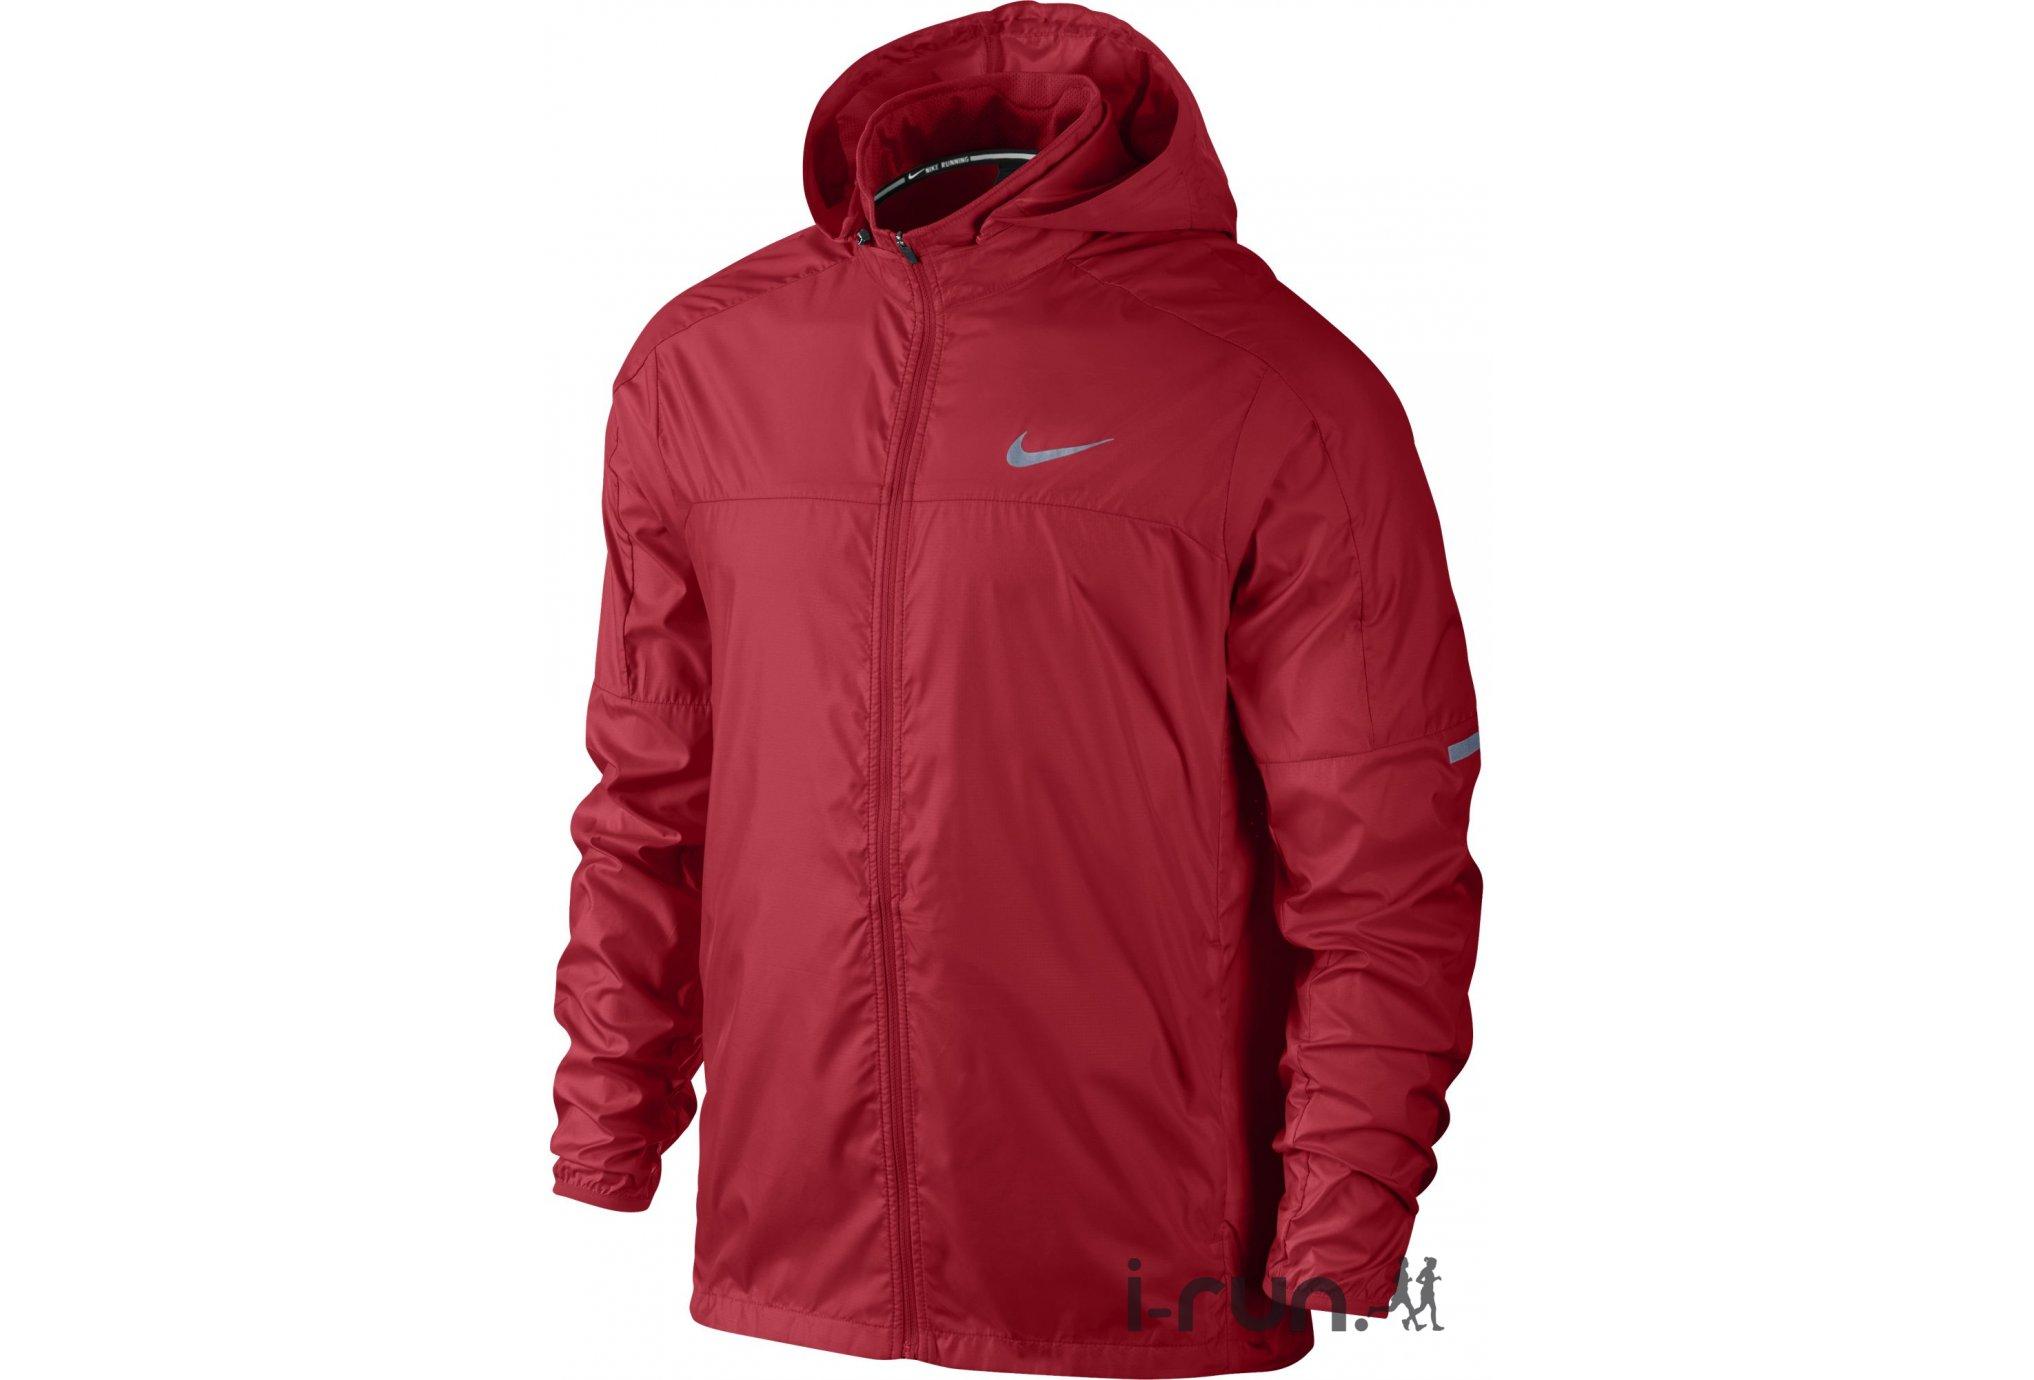 Nike Veste Vapor M homme Rouge pas cher